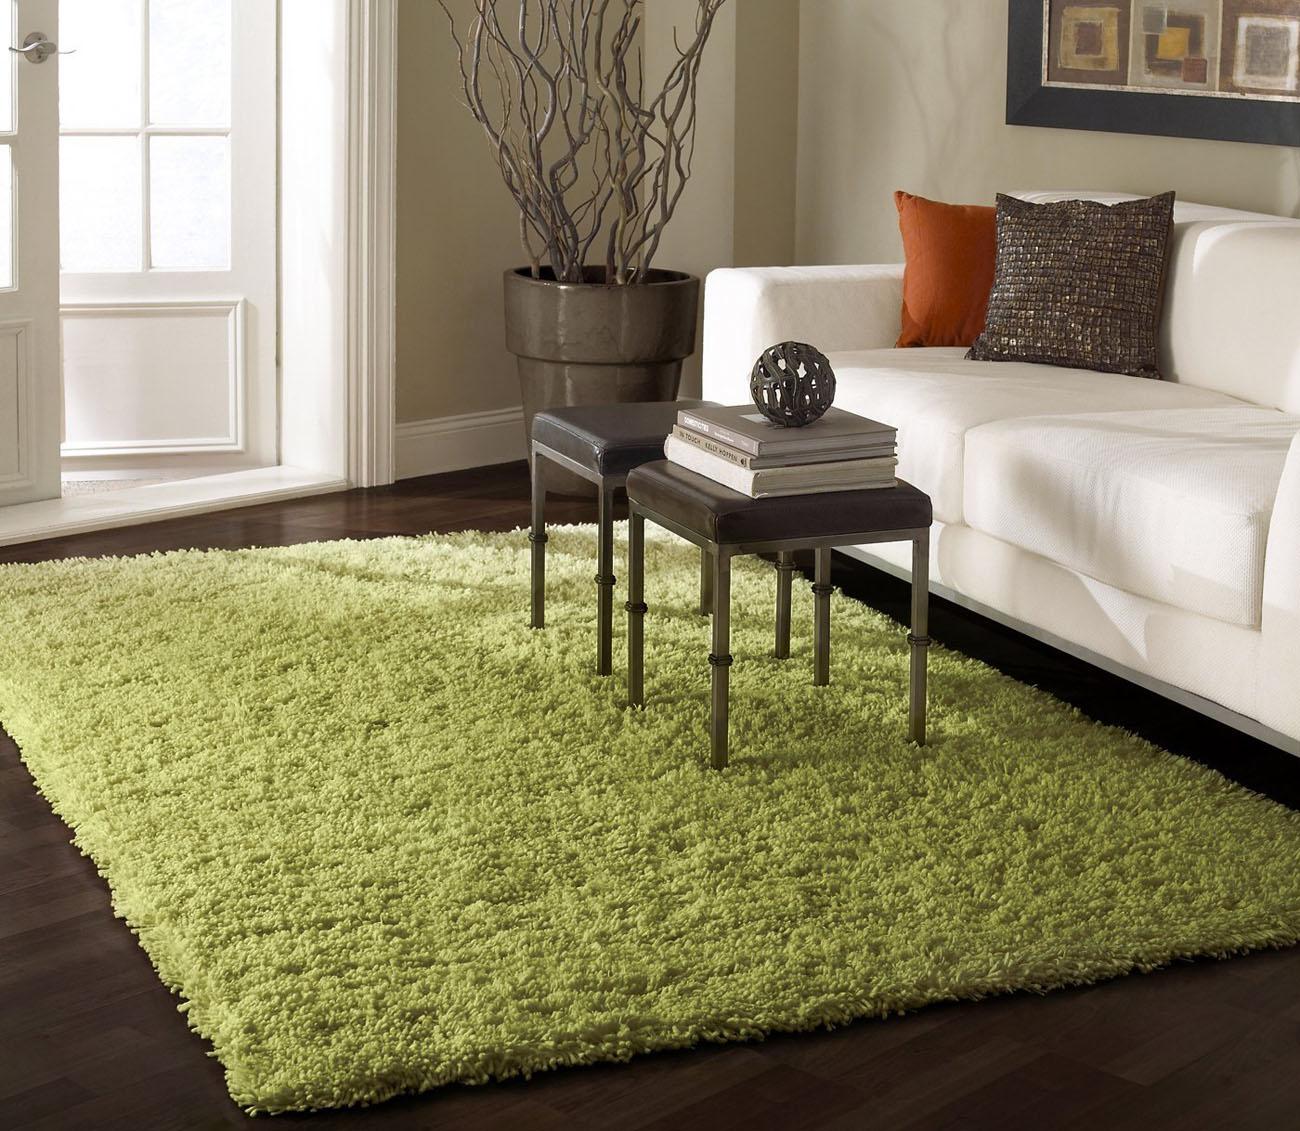 shag-area-rugs_1